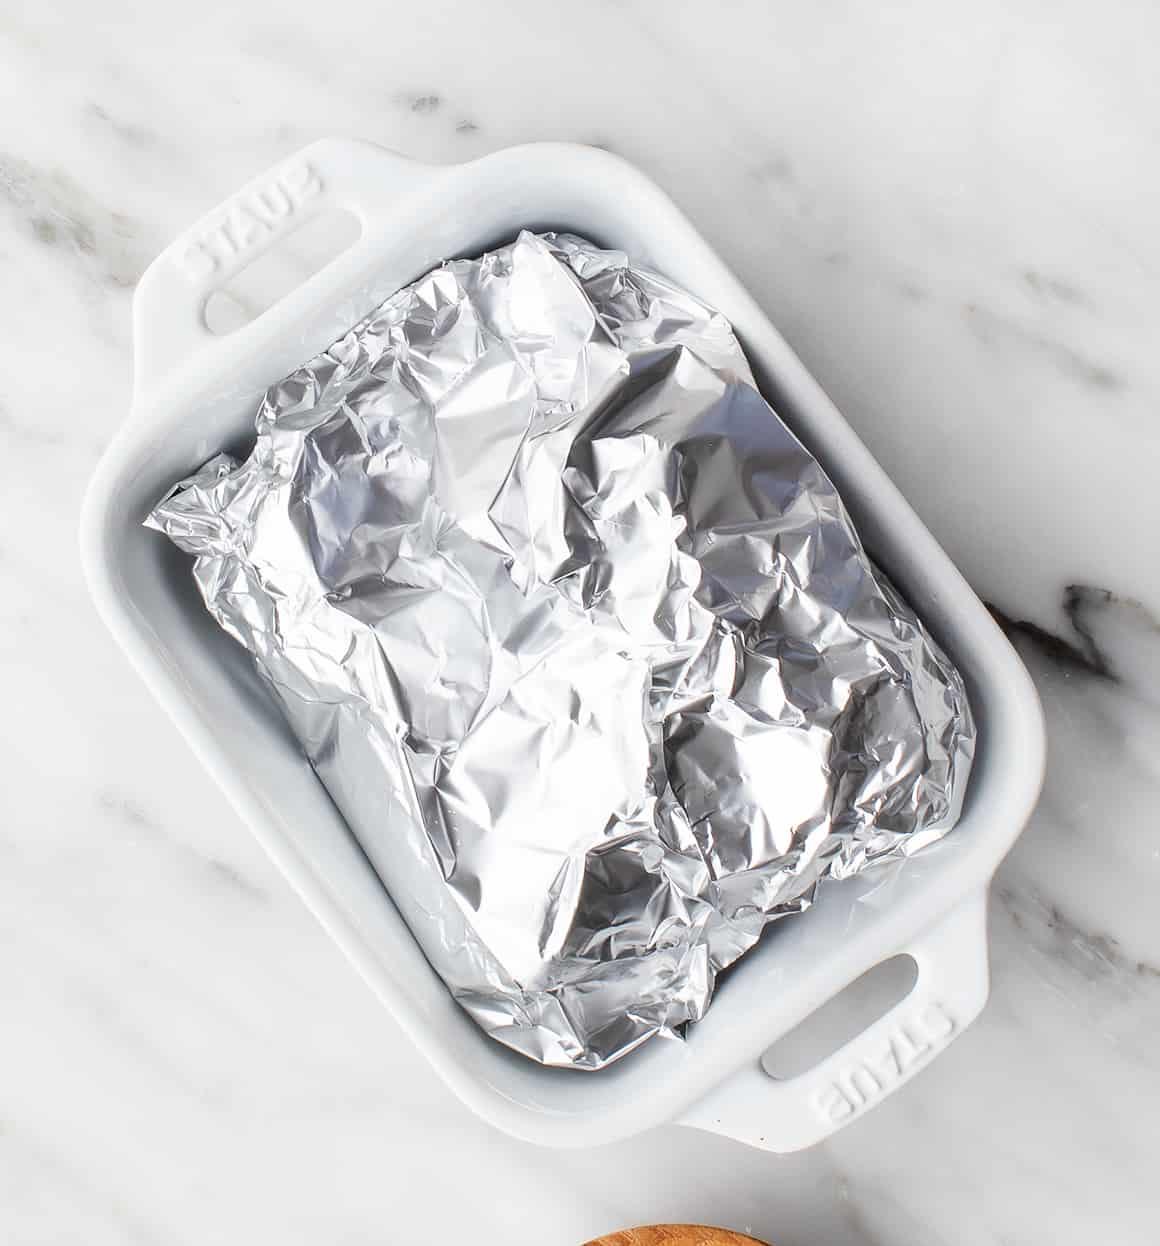 Paquete de papel de aluminio en una fuente para hornear